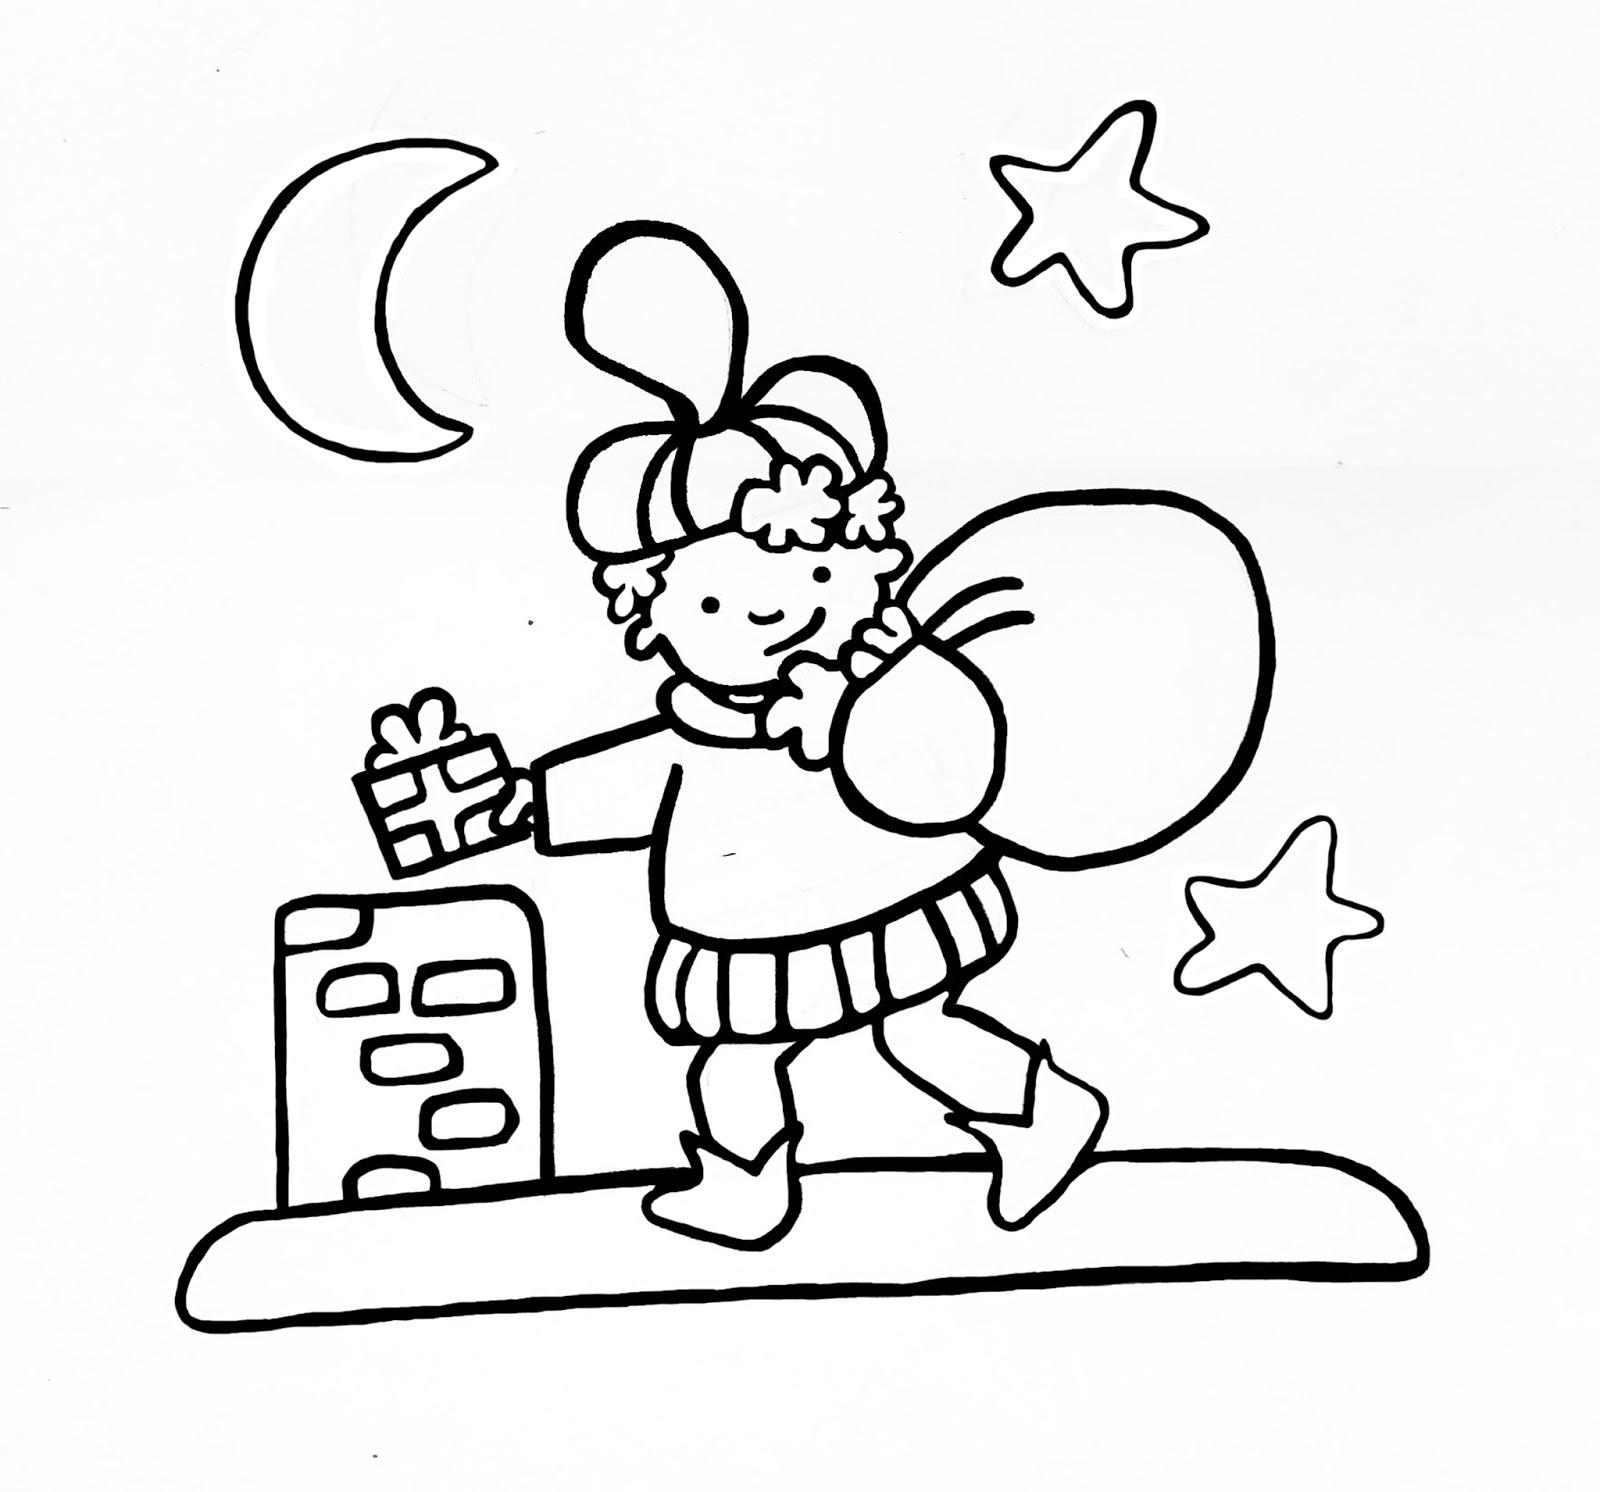 Kleurplaten Van Sinterklaas En De Pieten.Sinterklaas Kleurplaat Zwarte Piet